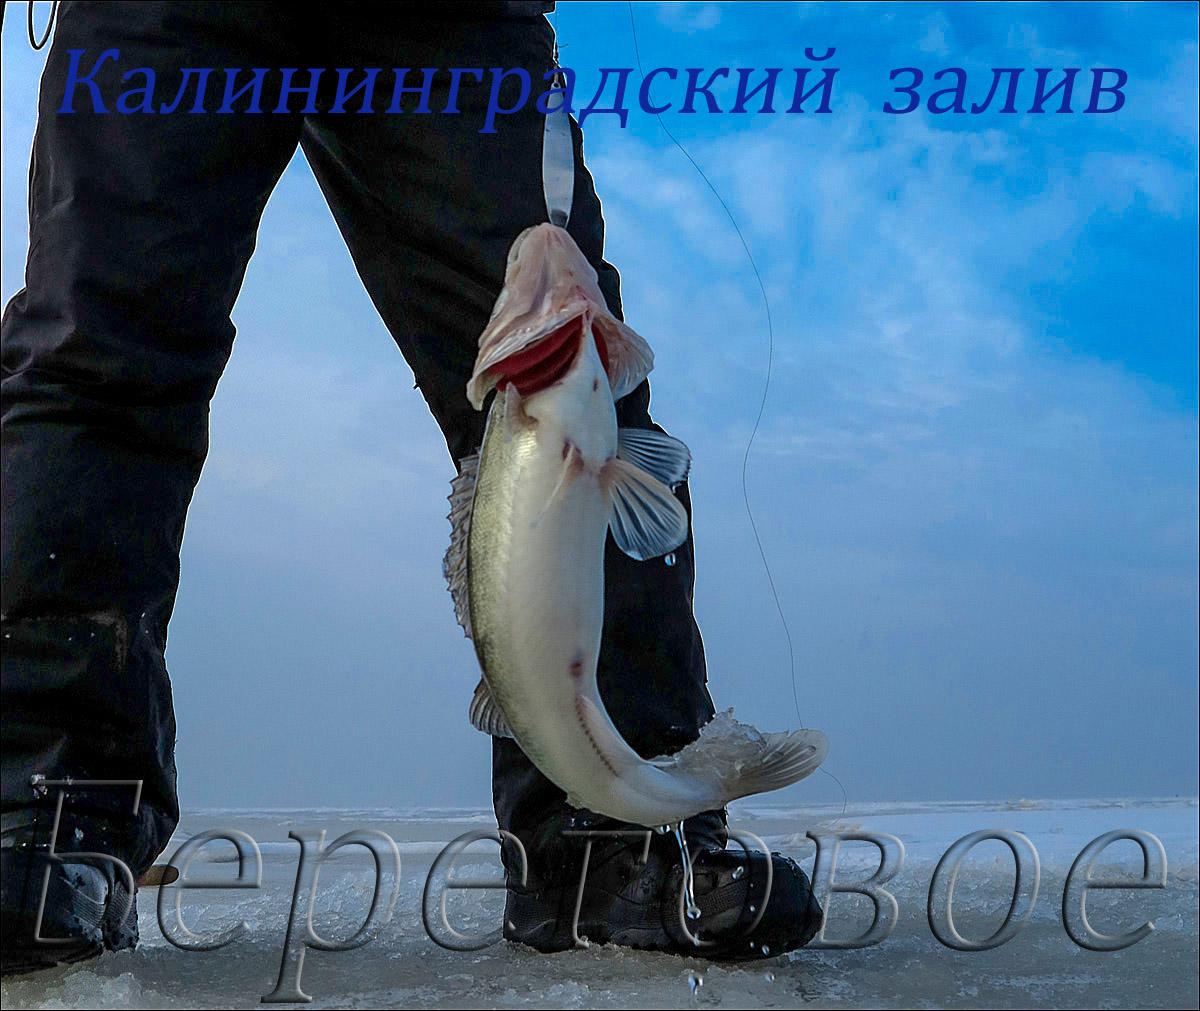 Калининградский залив 2014.